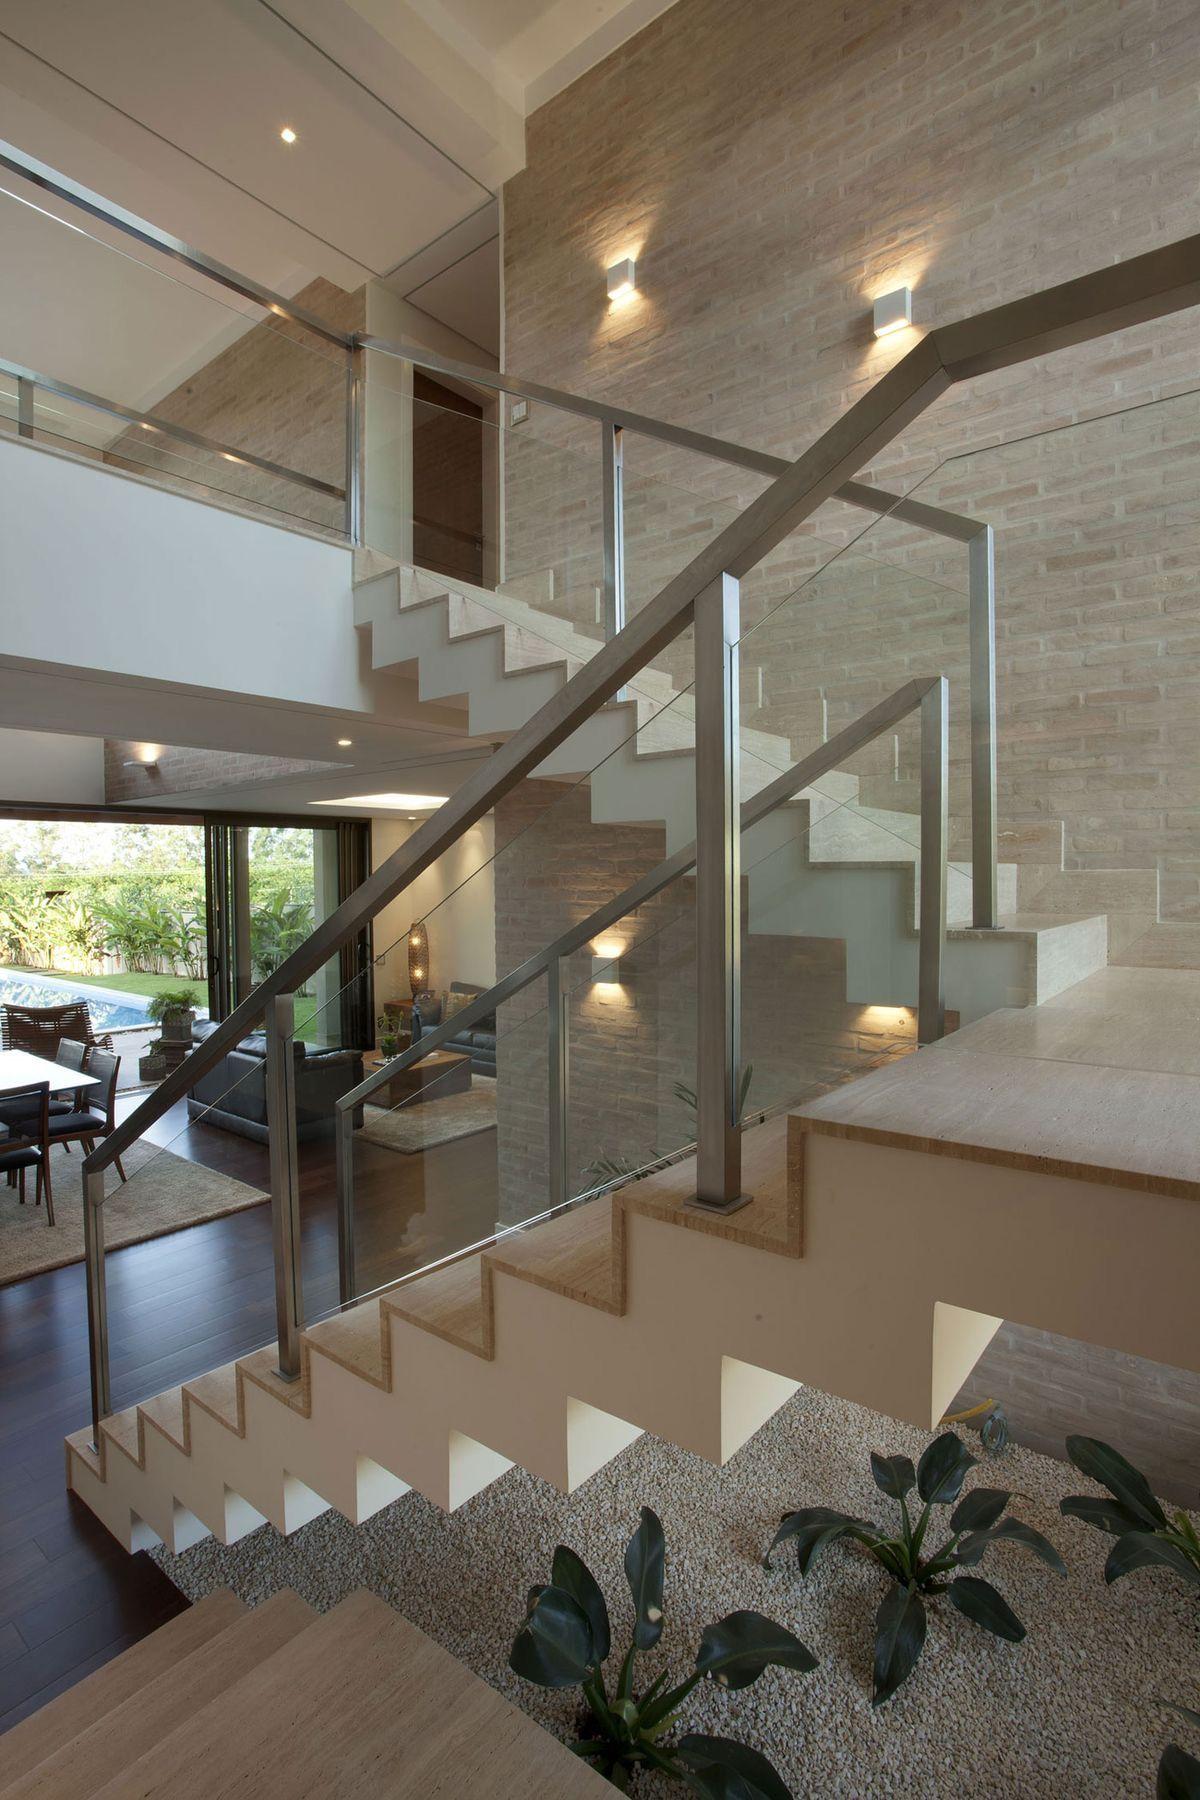 Escalier Interieur Maison Moderne Épinglé par charline dpt sur escaliers maison | escaliers